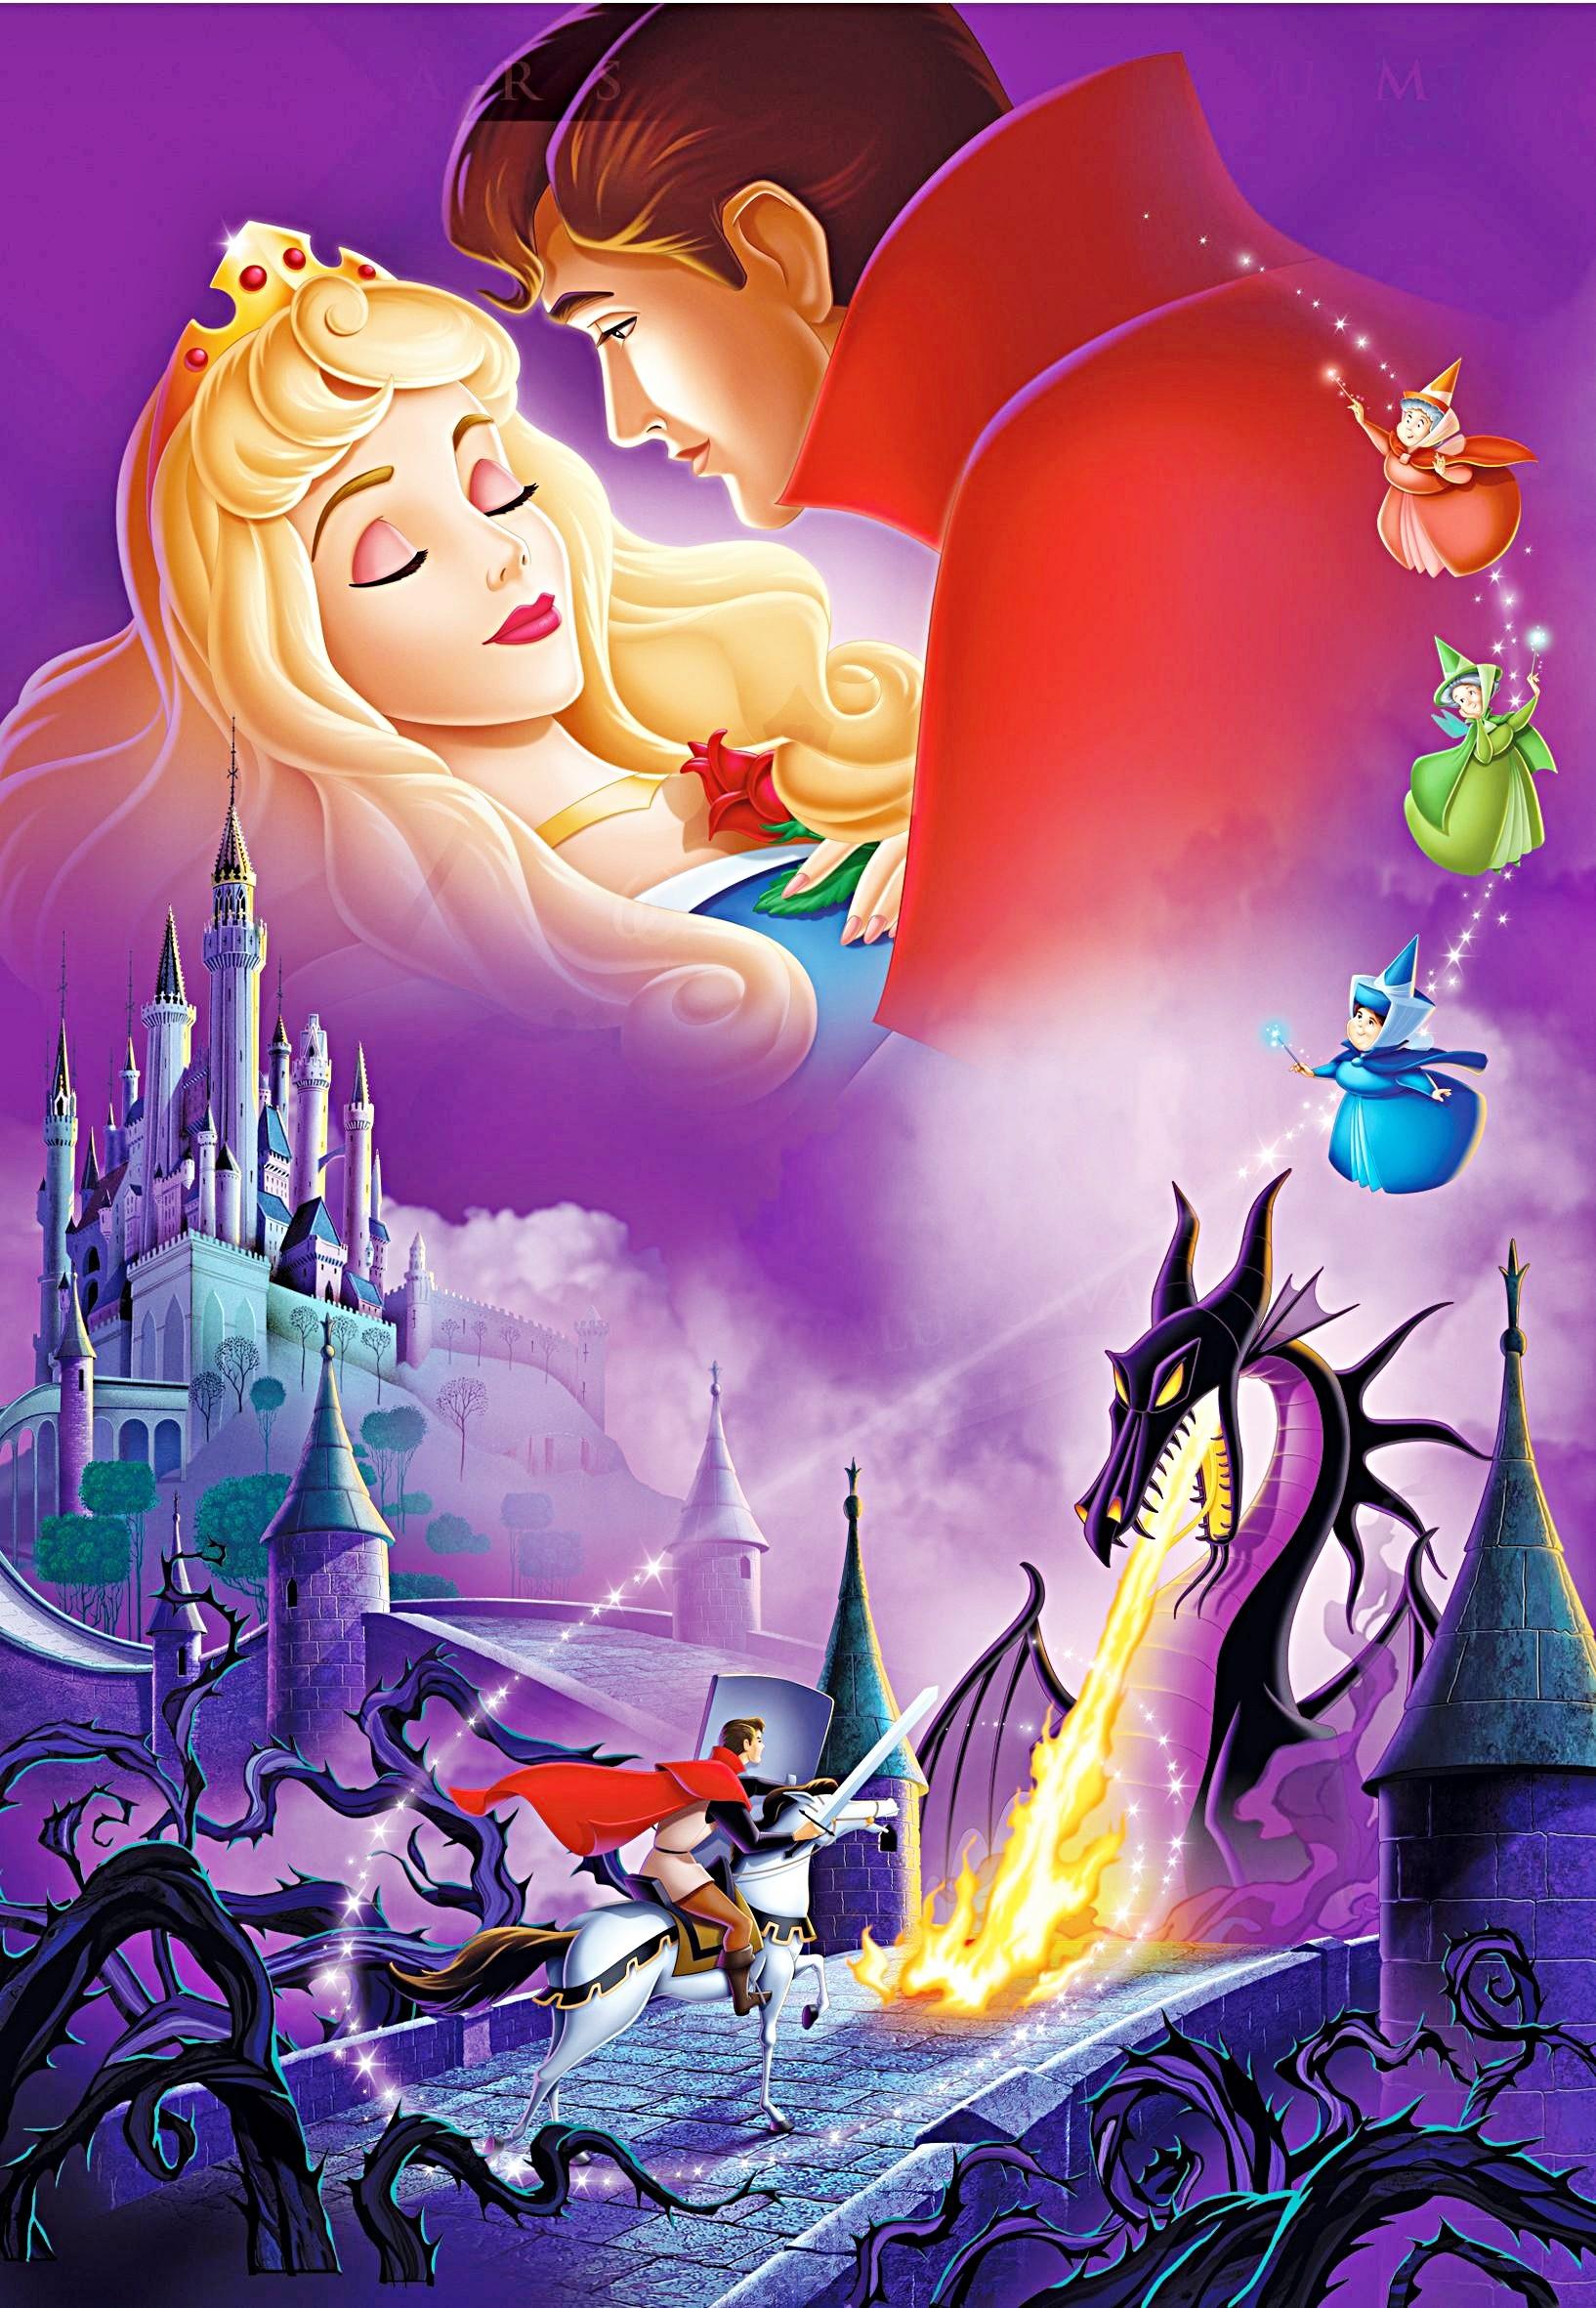 Walt disney Posters - Sleeping Beauty - karakter walt